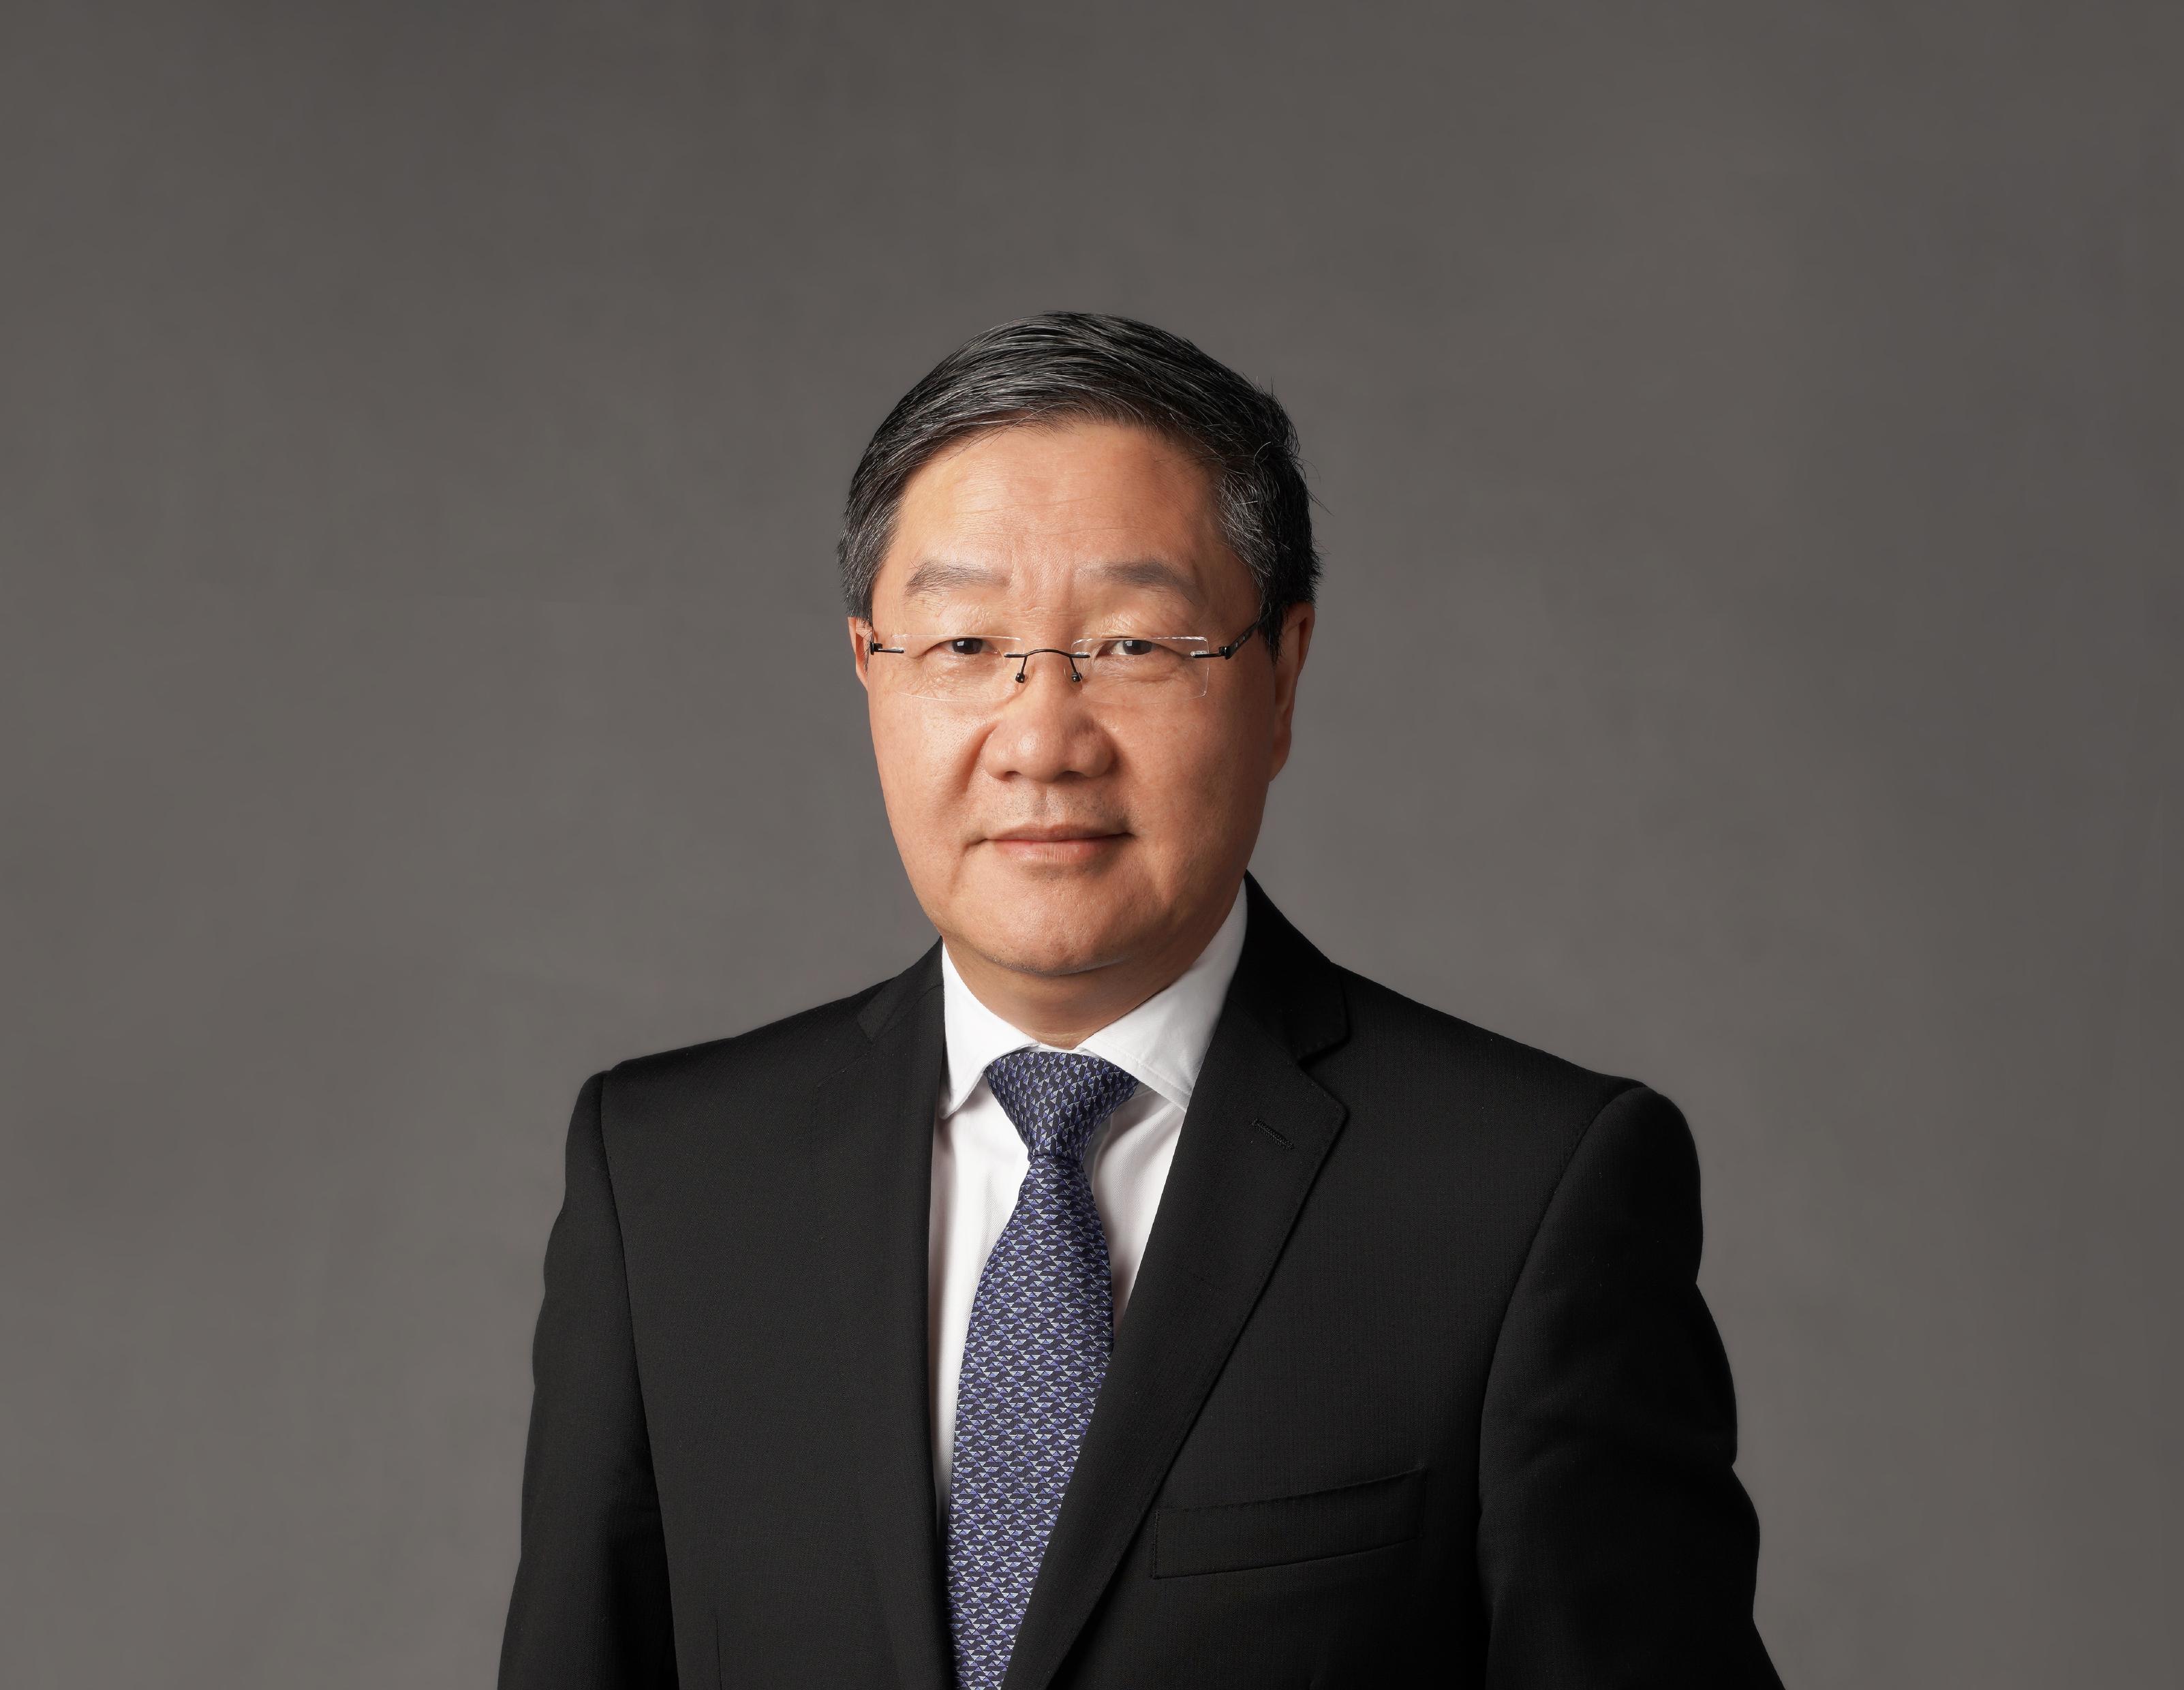 国际权威肿瘤学家毛力出任生物CEO;朱凌宇博士出任首席商务官